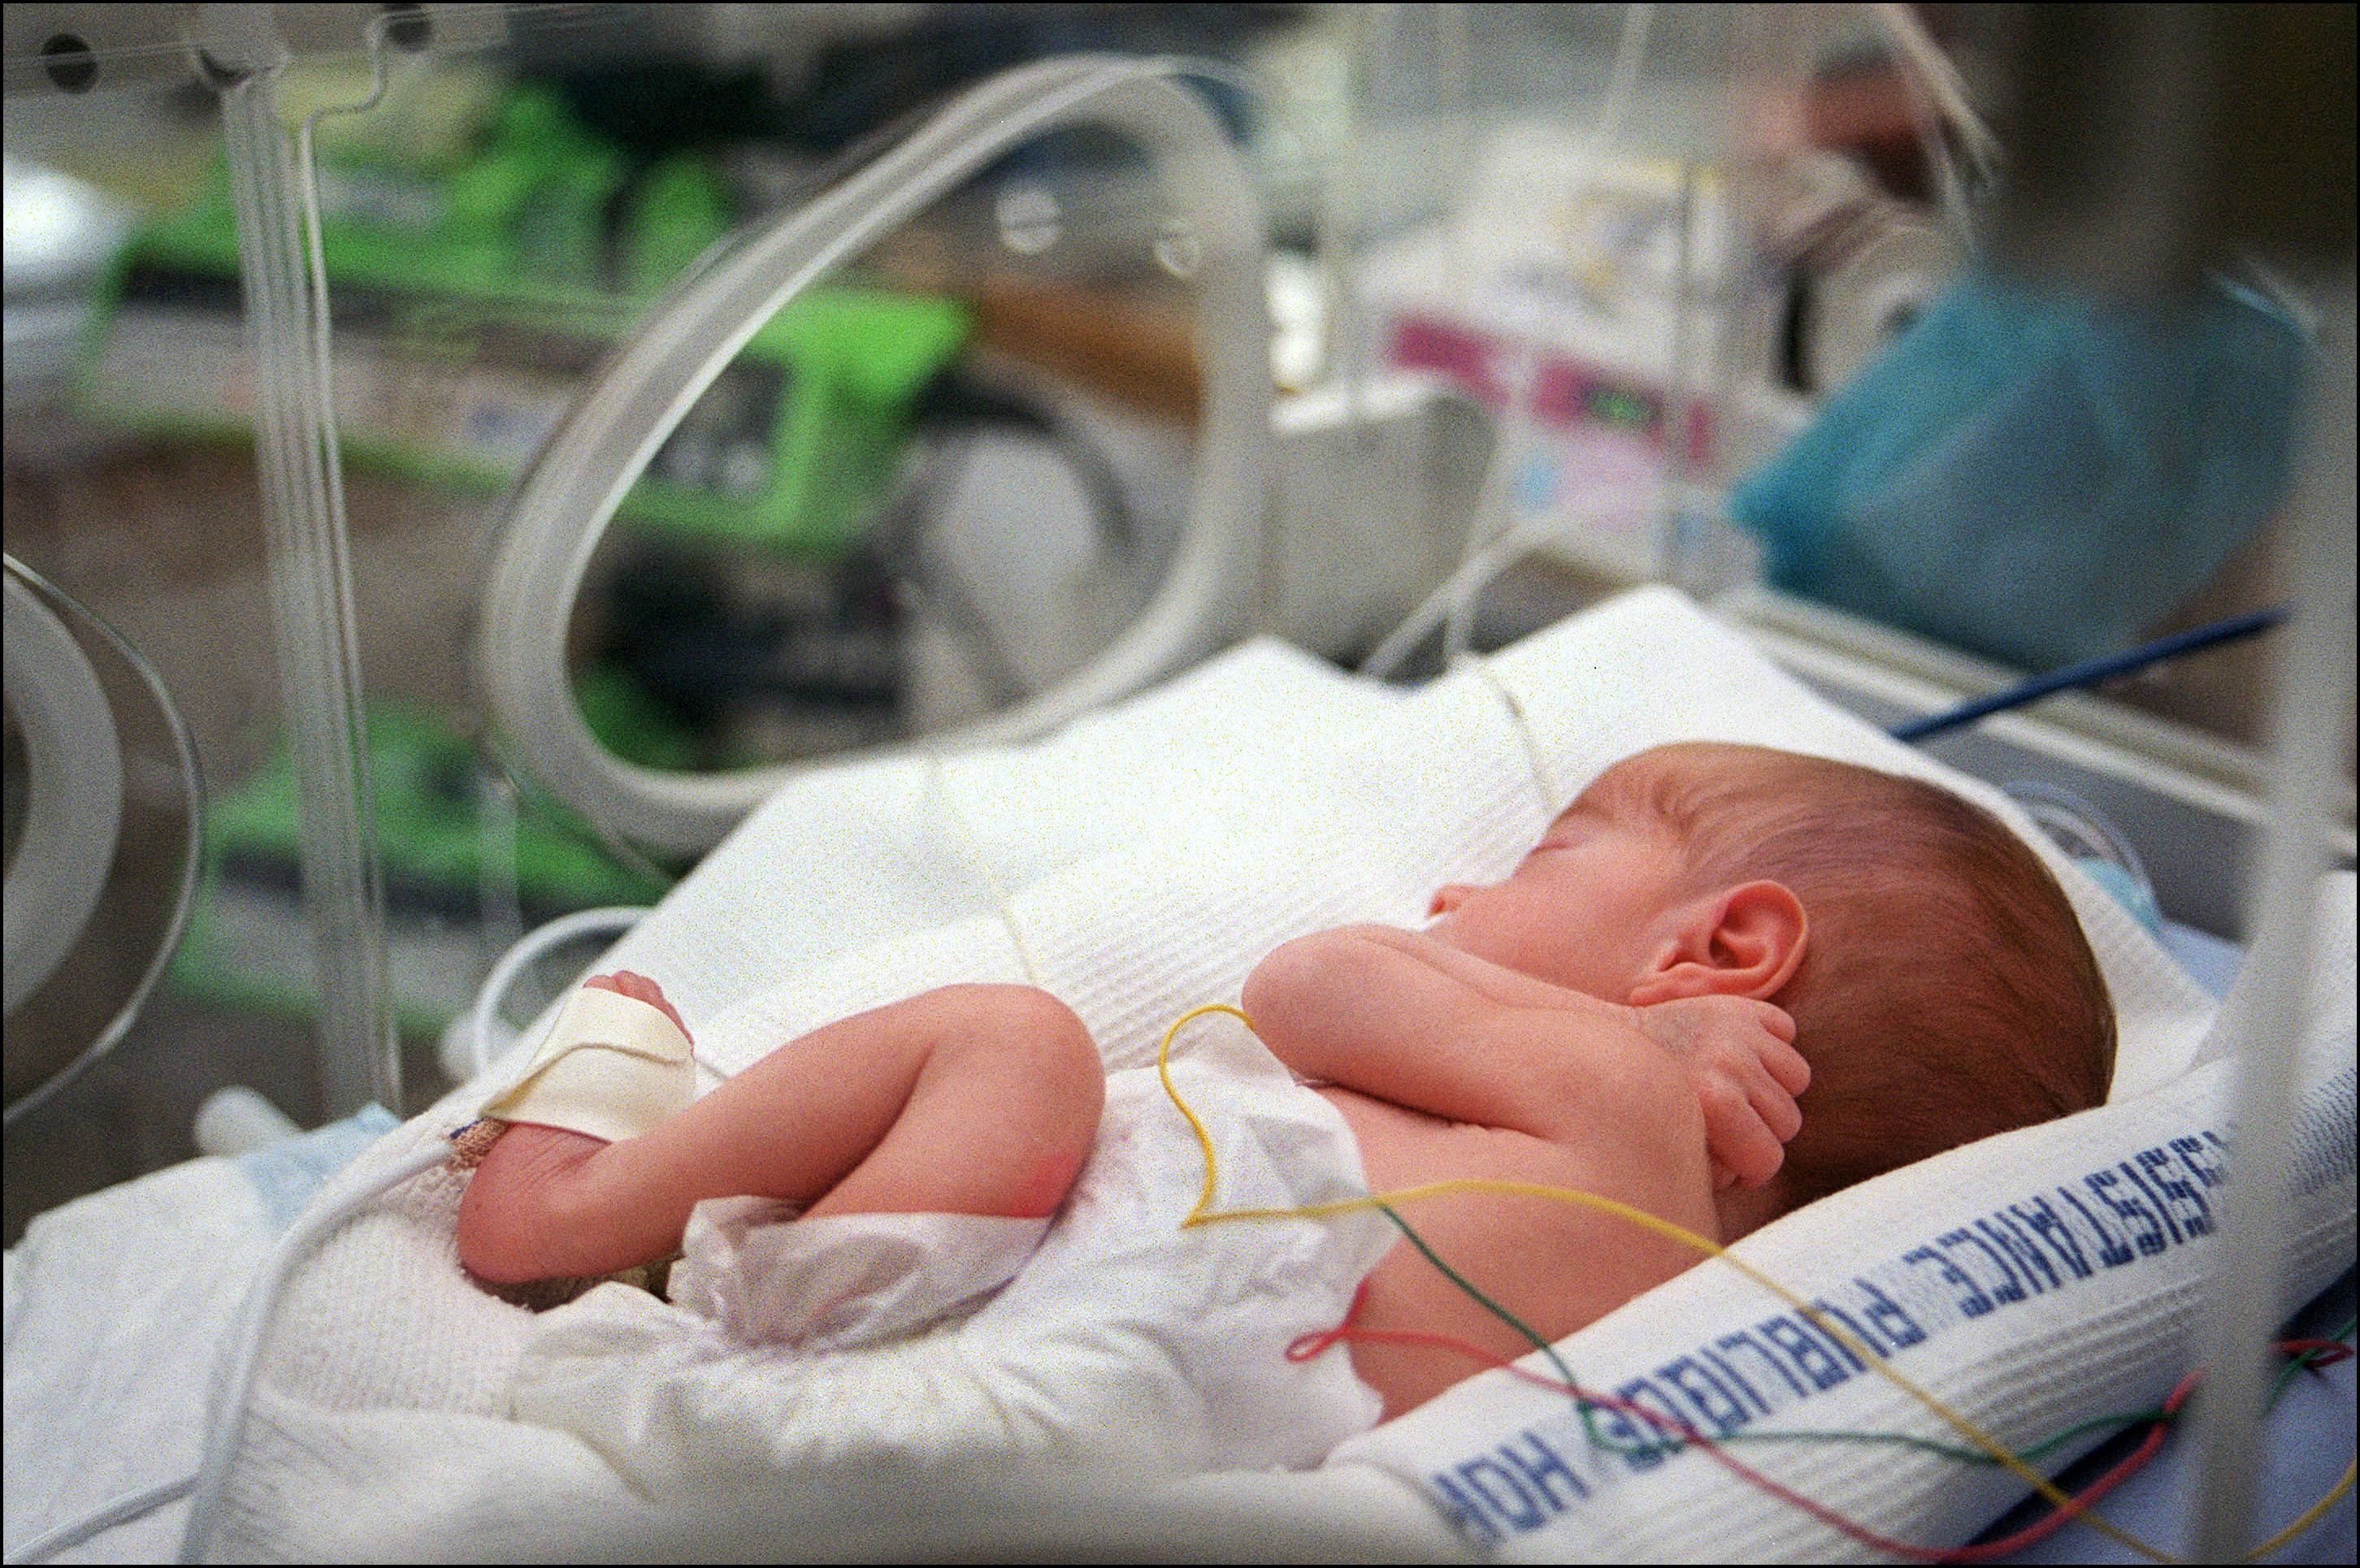 Naujagimių aspiratorius tinkamai valo kūdikio skardą